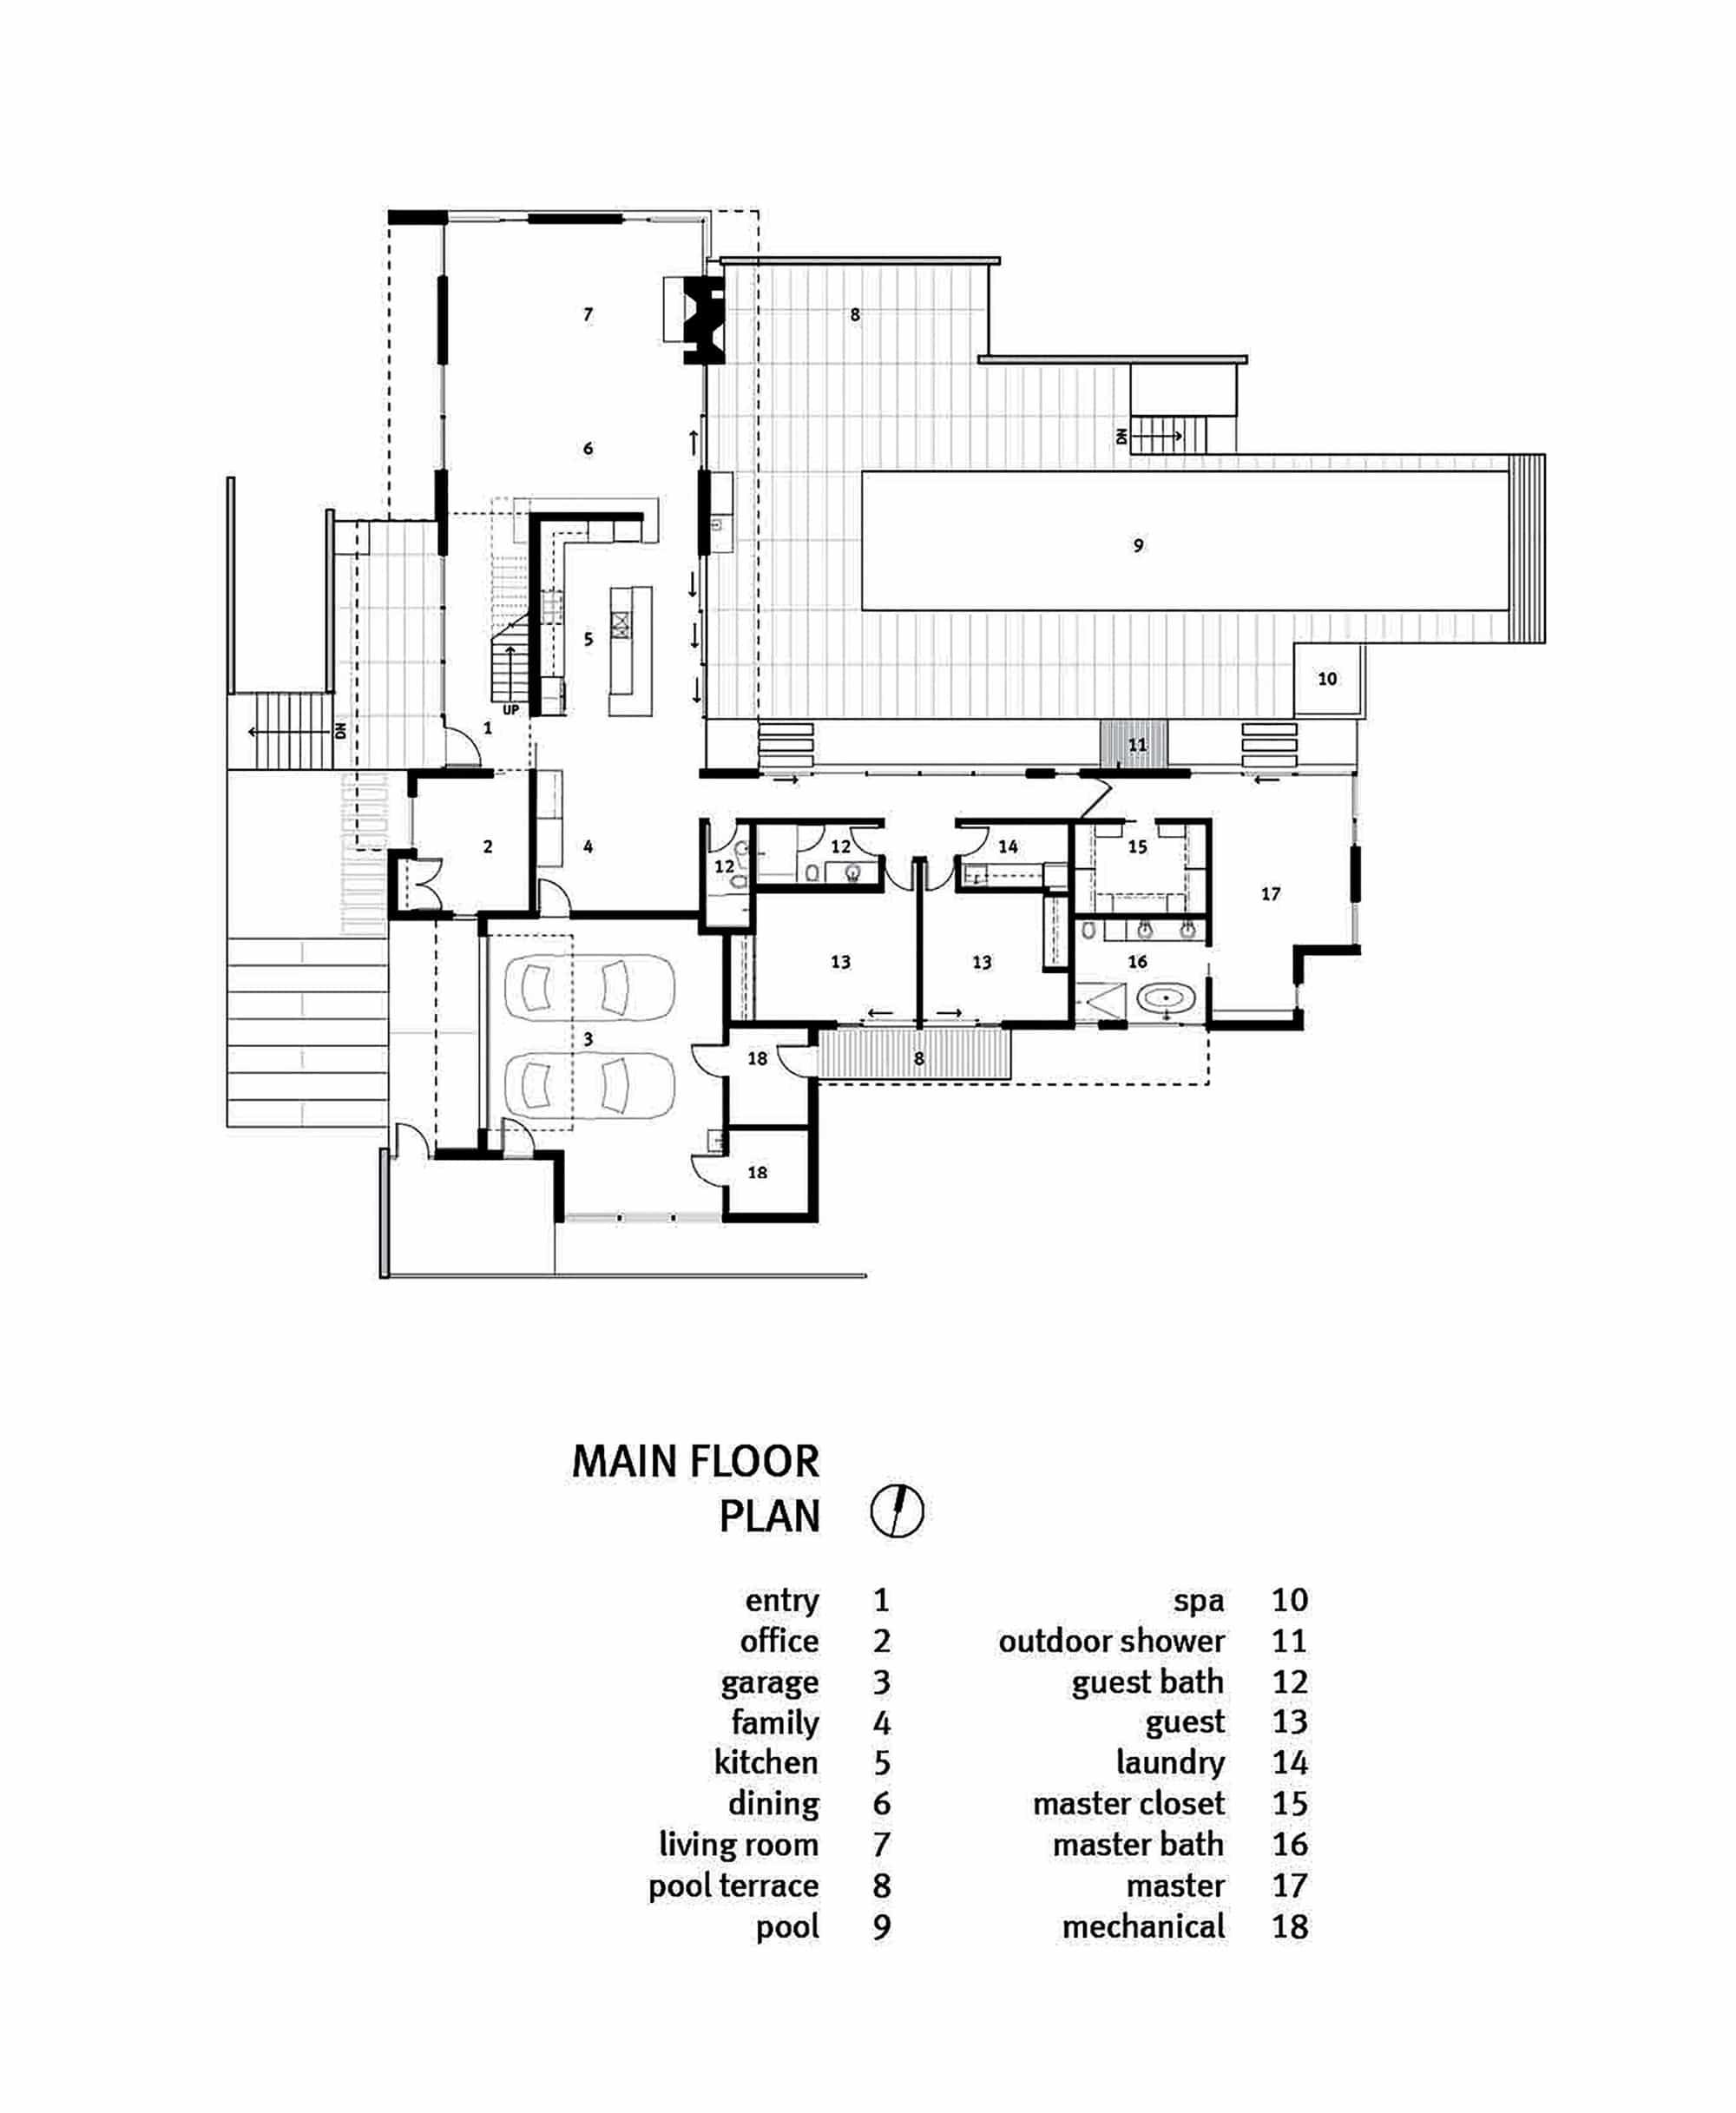 Dise o de casa de un piso moderna planos construye hogar for Plano casa un piso